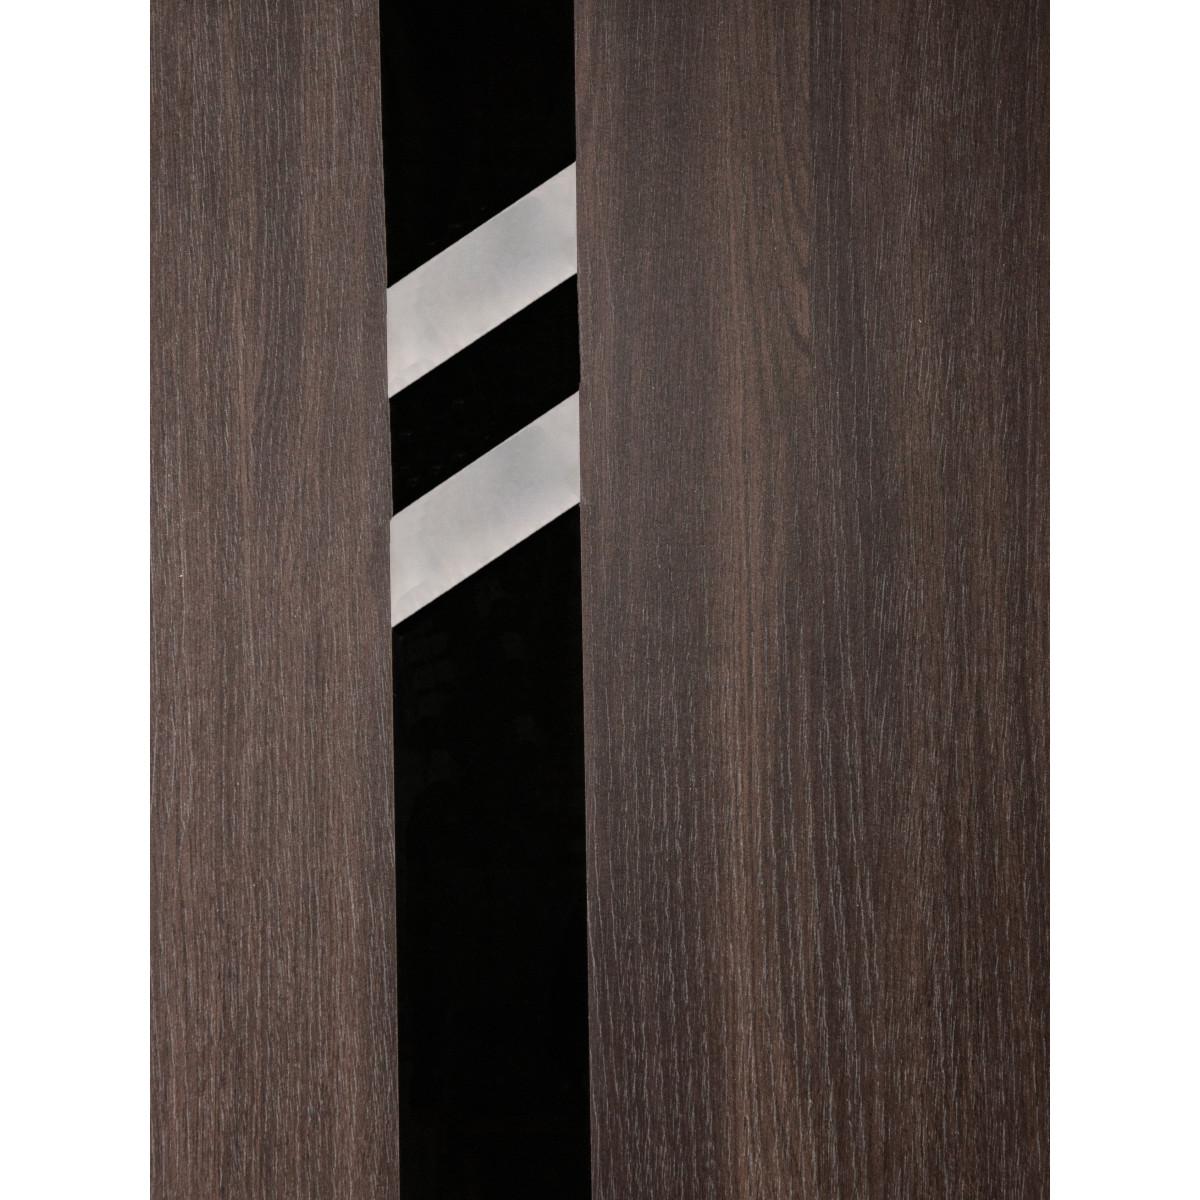 Дверь Межкомнатная Глухая С Замком И Петлями В Комплекте Мирра 90x200 Hardflex Цвет Дуб Кастелло